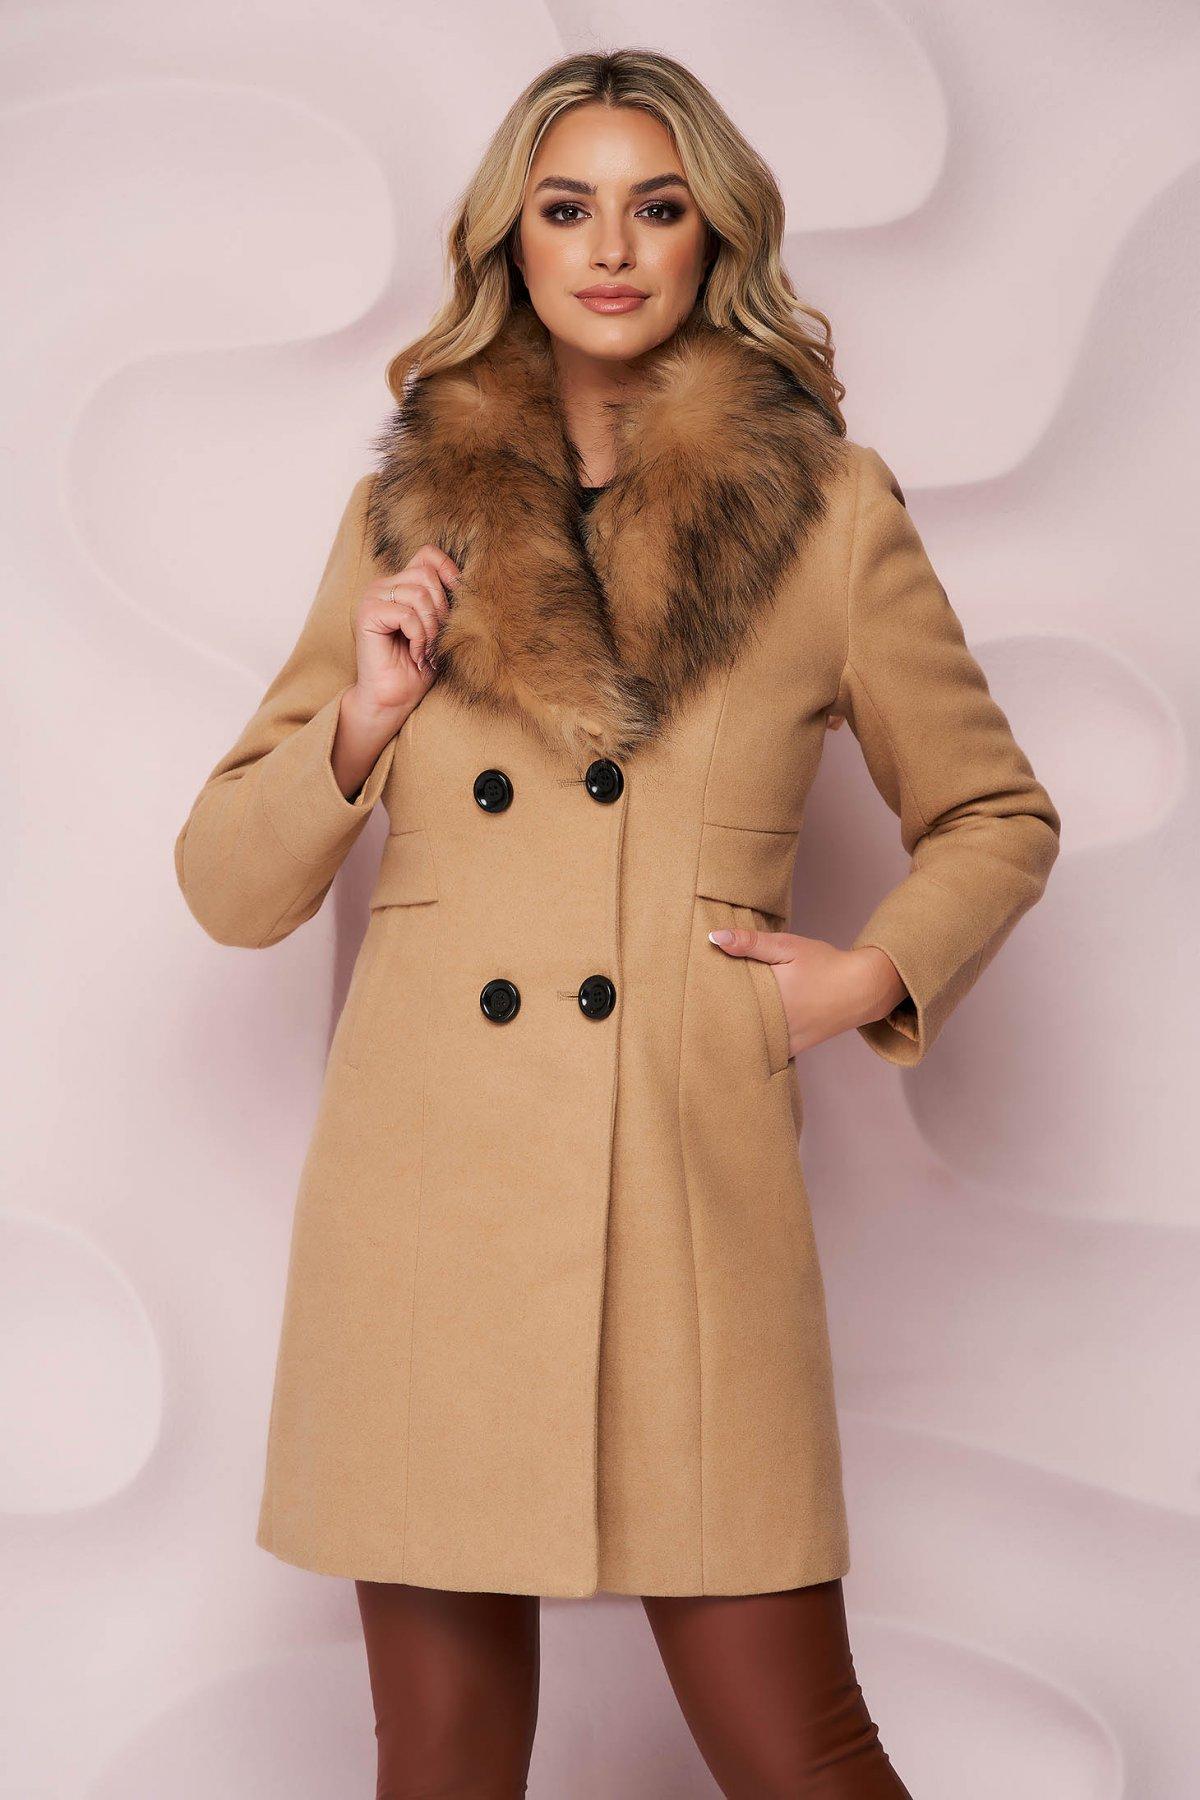 Palton SunShine crem elegant cu un croi cambrat din material gros cu insertii de blana ecologica detasabile la guler